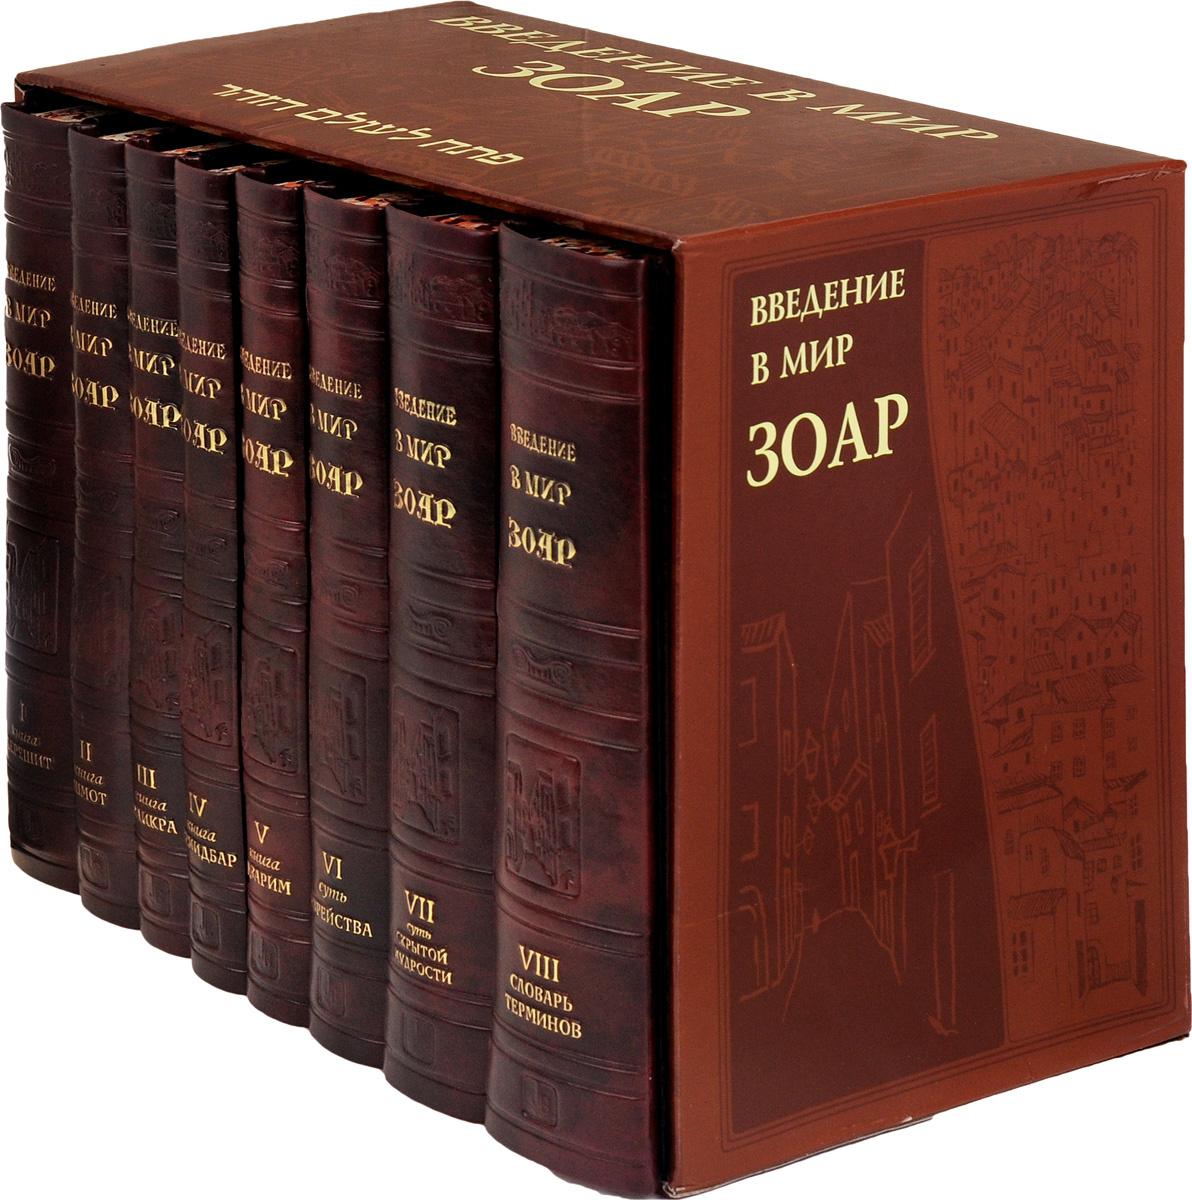 Введение в мир Зоар. В 8 томах (комплект из 8 книг) #1